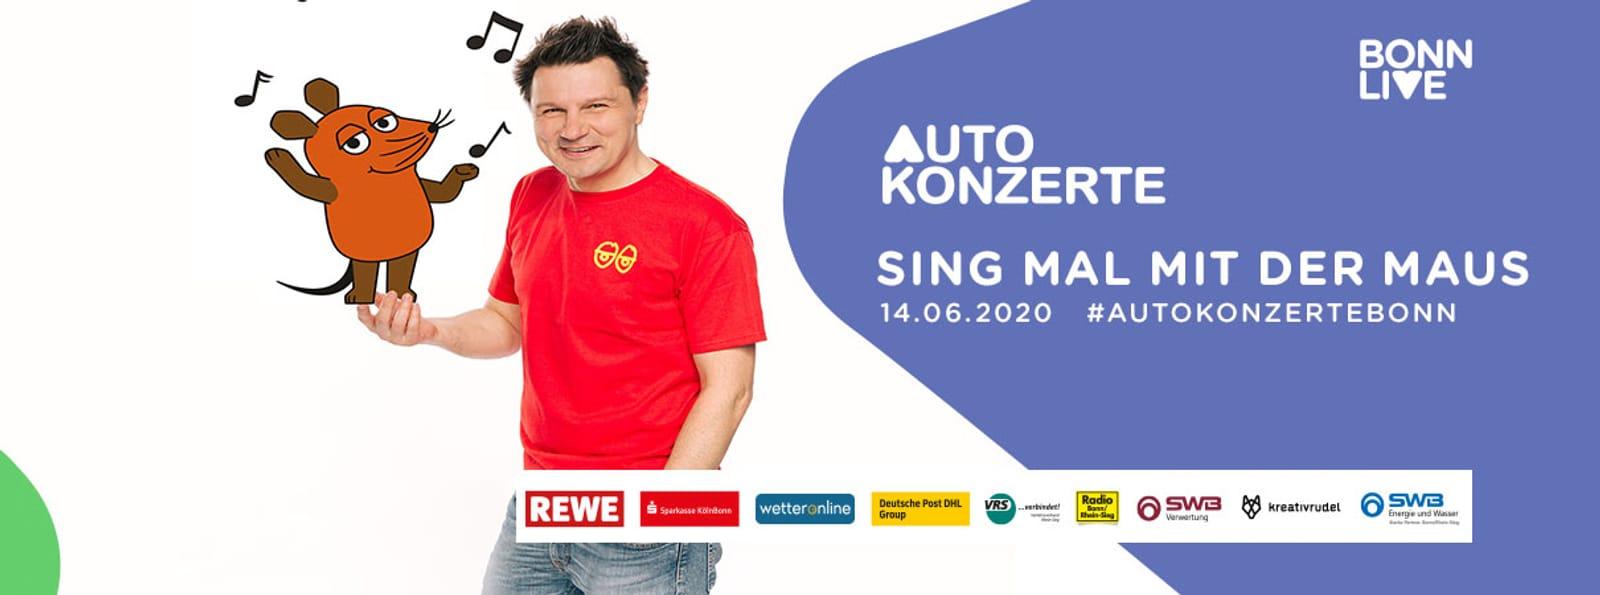 Sing mal mit der Maus | BonnLive Autokonzerte